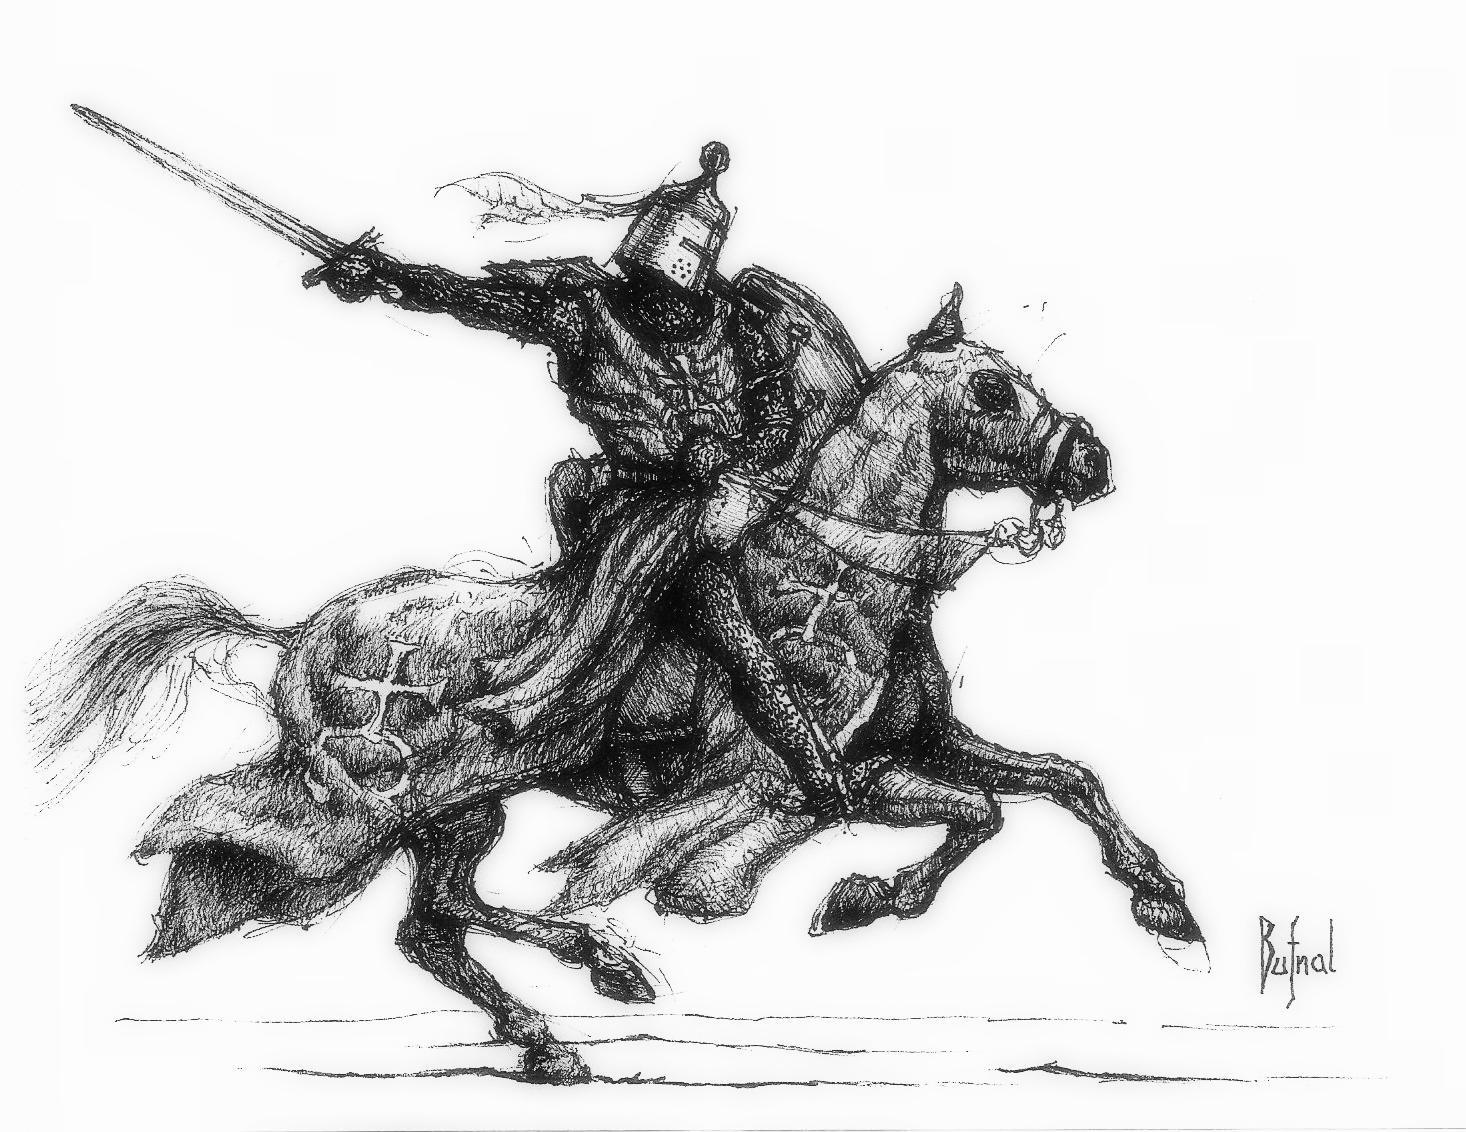 Dariusz bufnal polish knight 13c 2